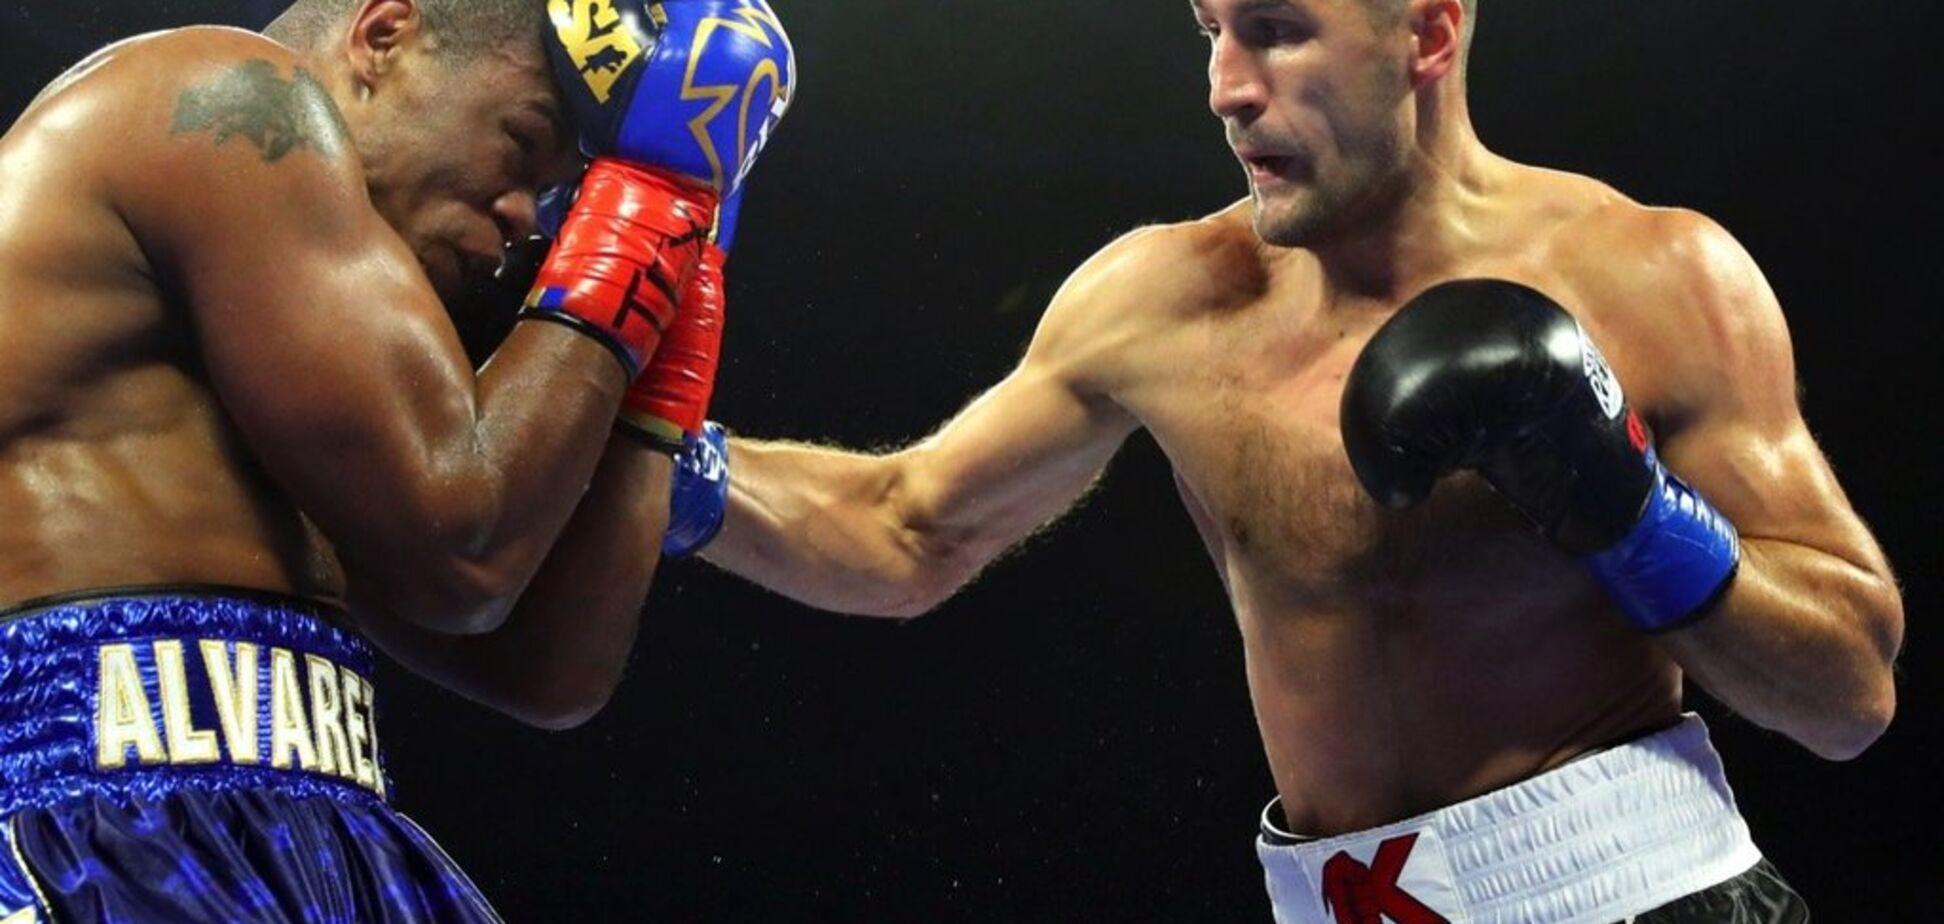 Ковалев признался, что ему помогло побить Альвареса в чемпионском бою-реванше